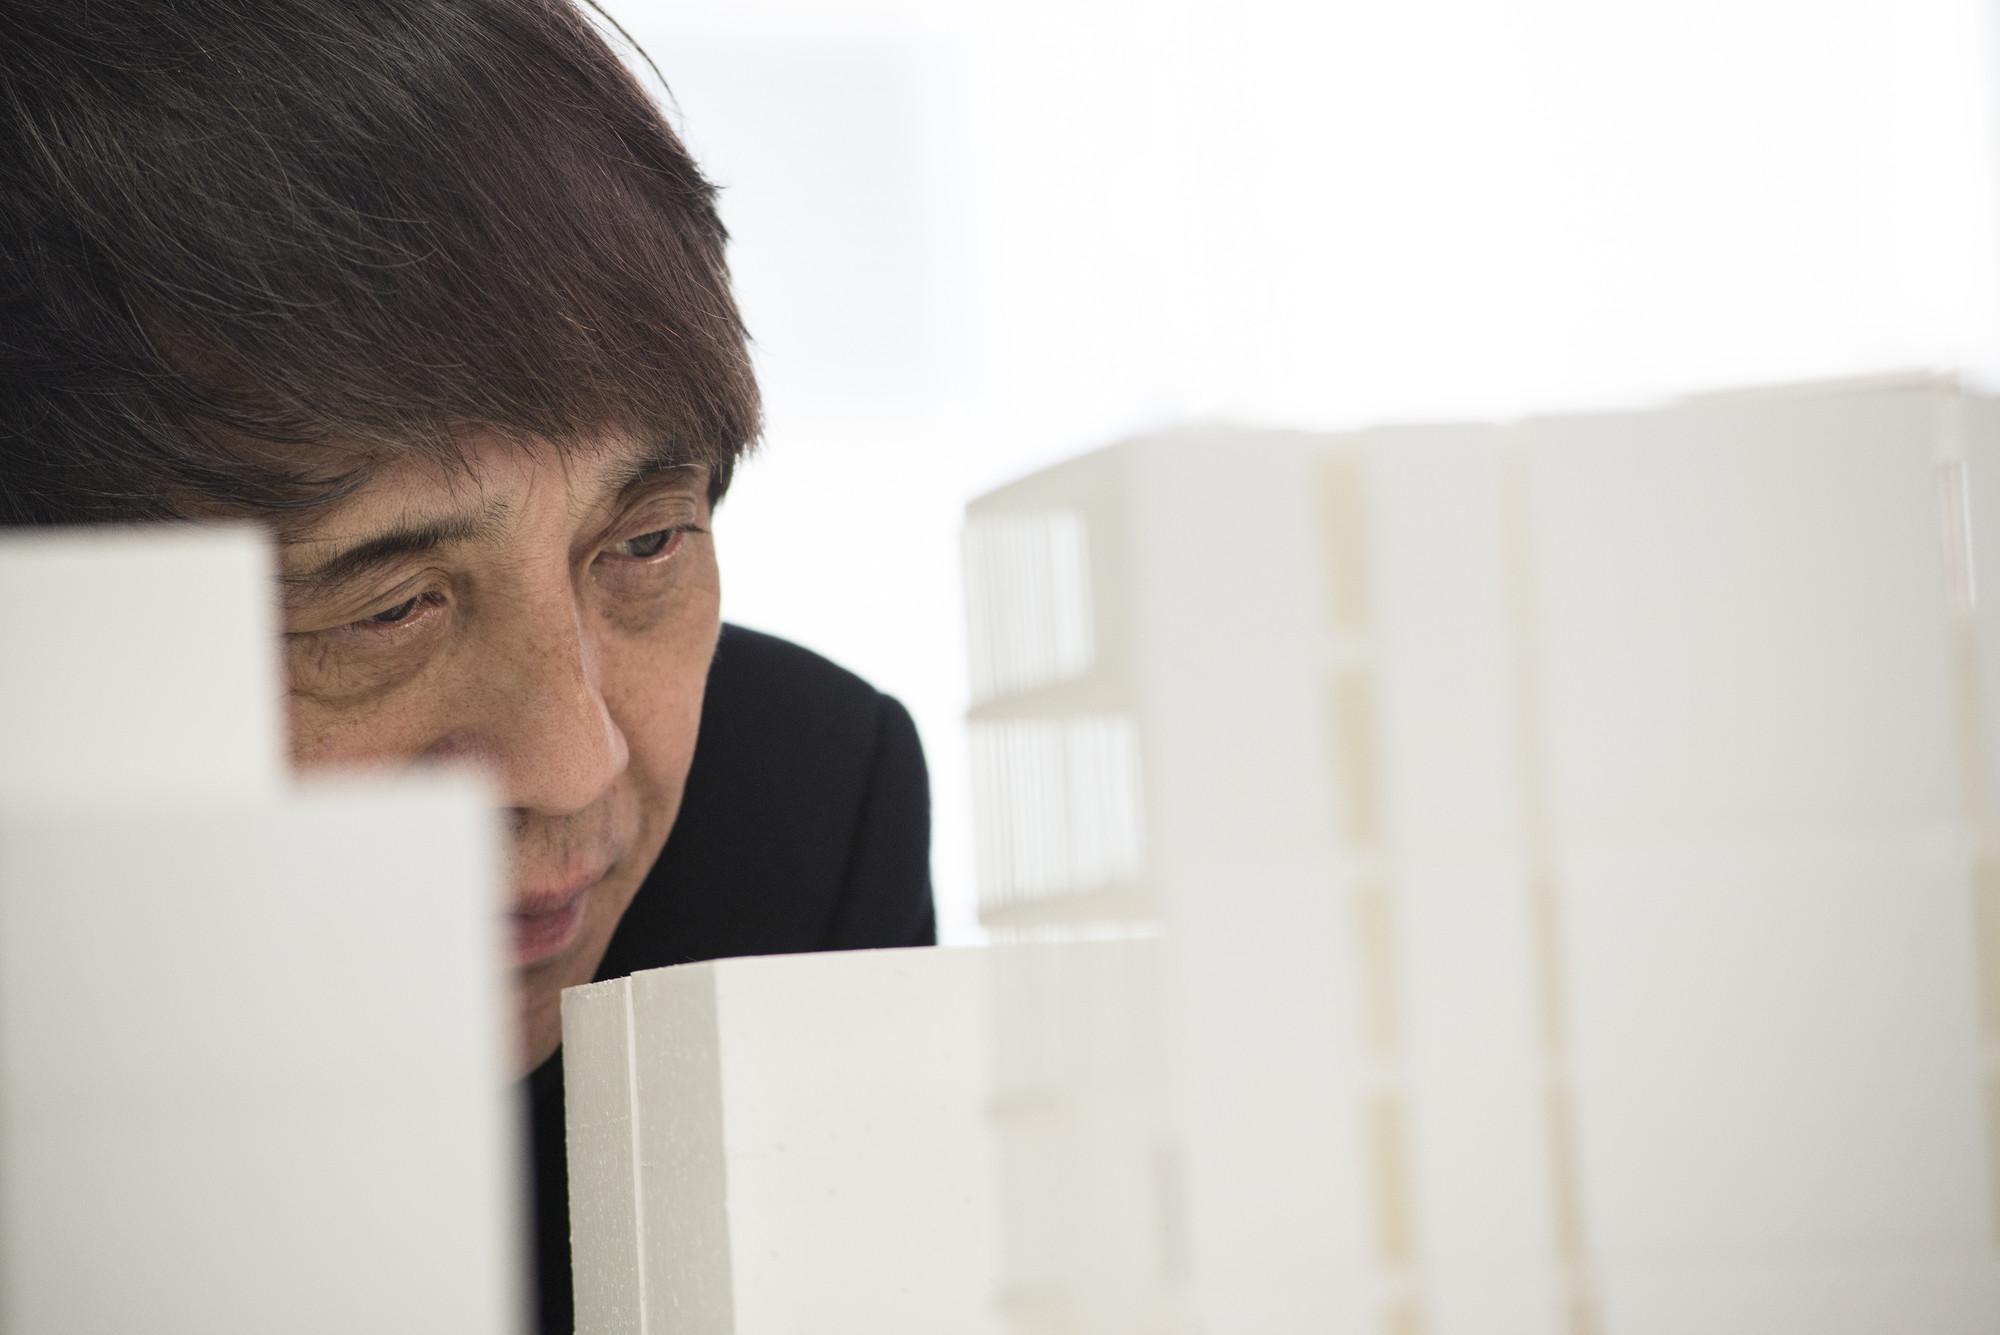 Tadao Ando to Design First New York City Building, Courtesy of Tadao Ando Architect & Associates